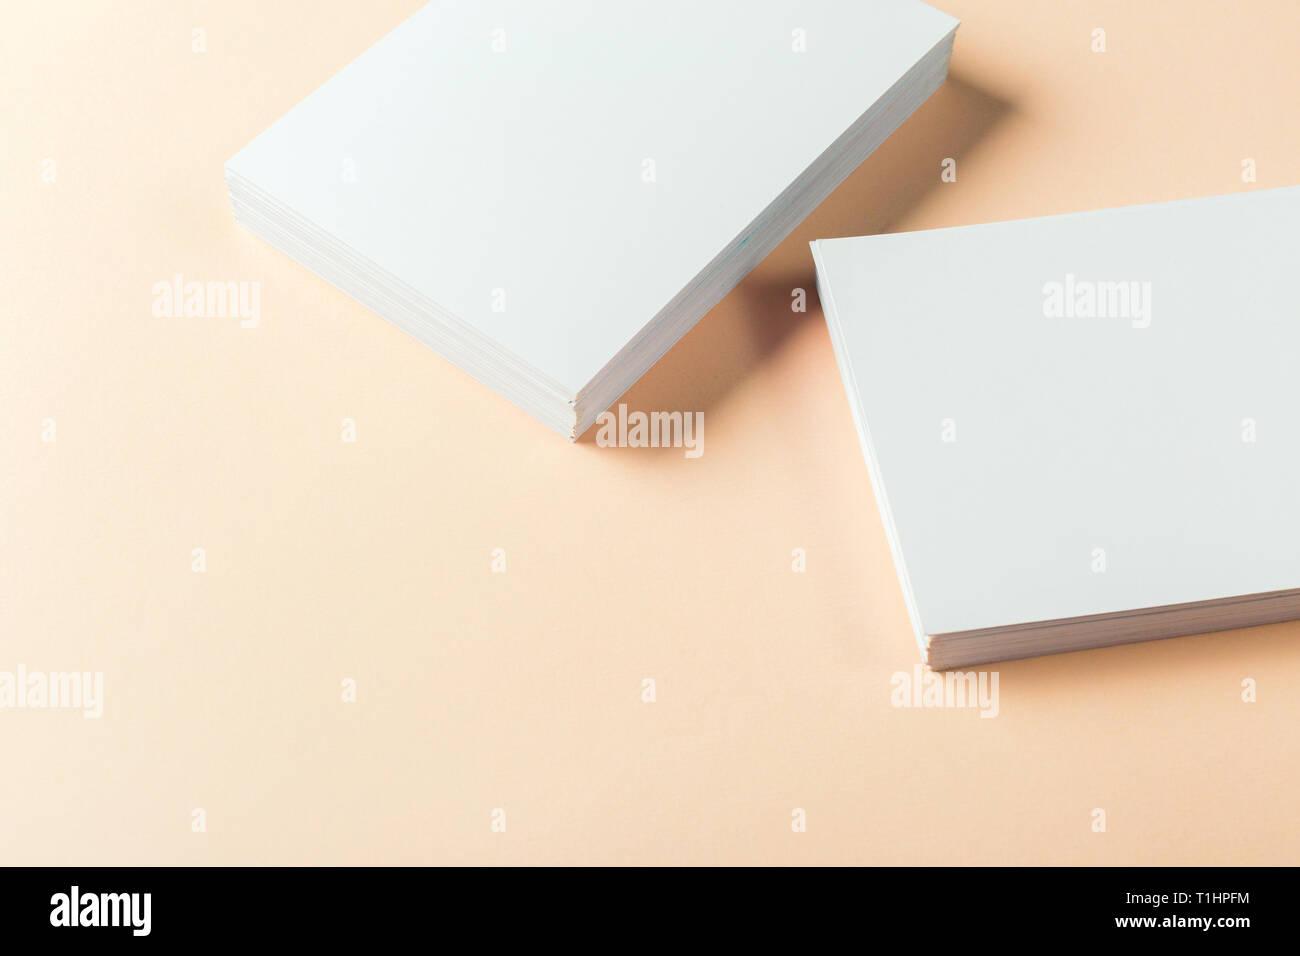 Papier Leer Visitenkarten Stockfoto Bild 241950680 Alamy